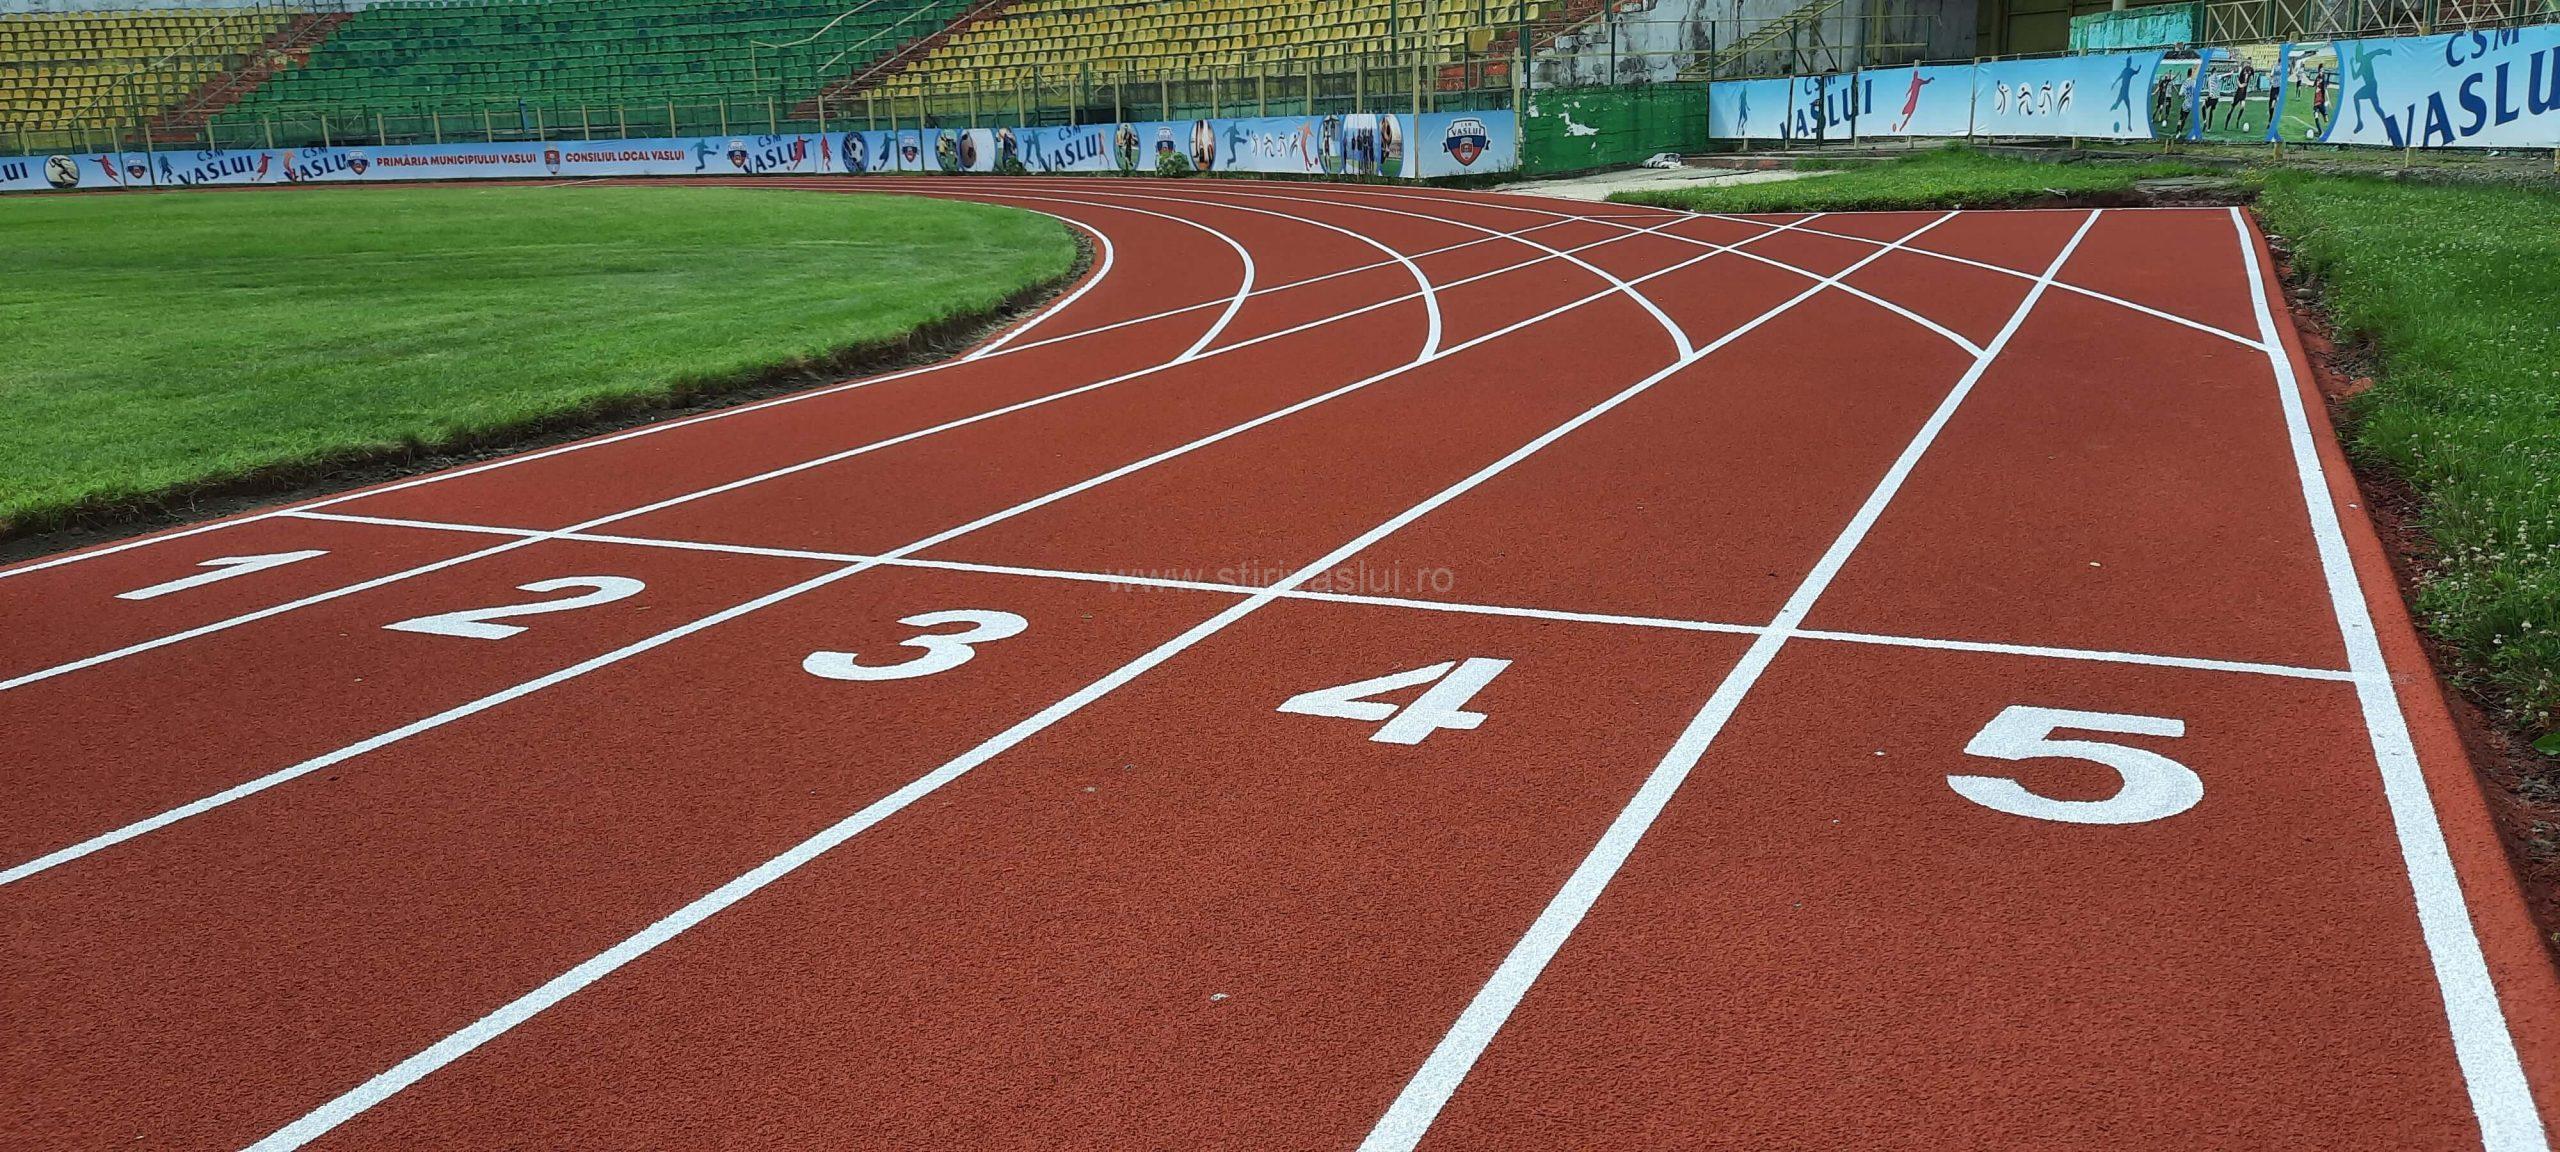 Pista de alergare a Stadionului municipal Vaslui a fost reabilitată 2